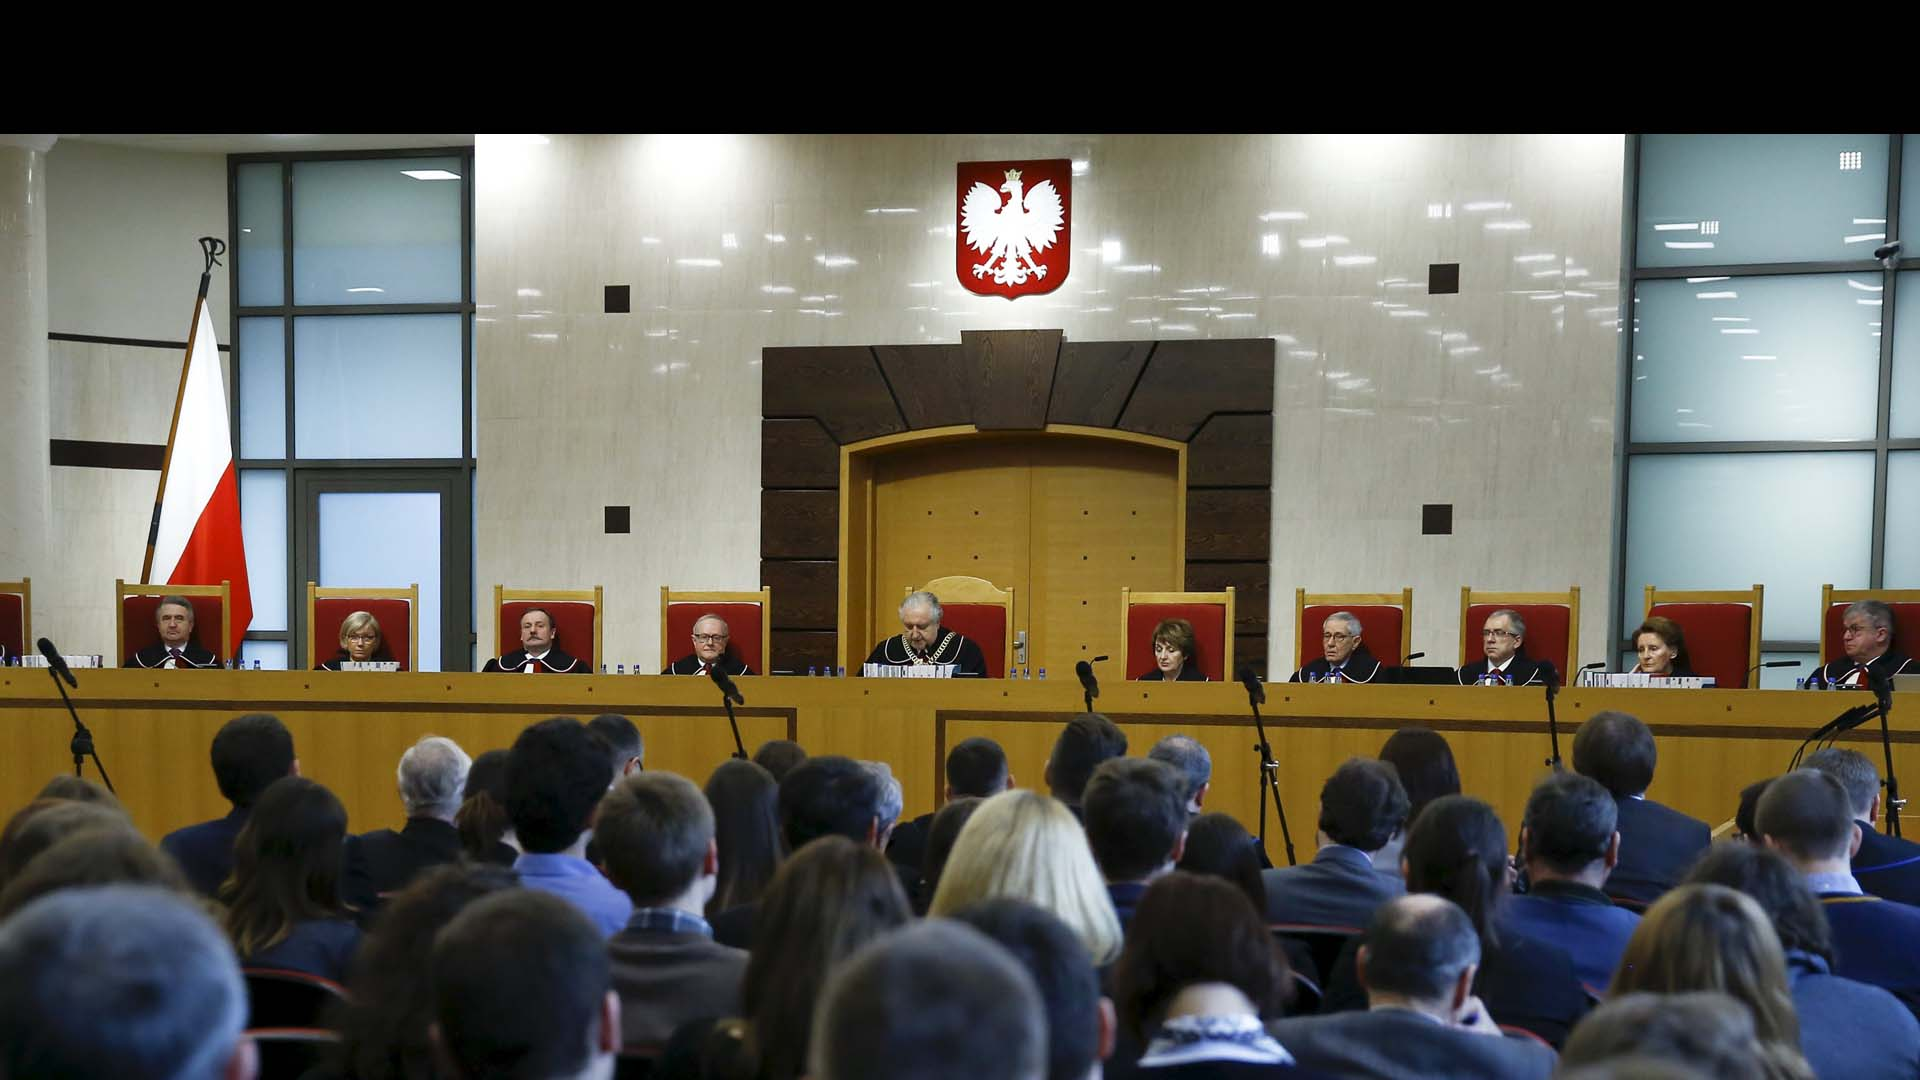 Nueva reforma del Tribunal Constitucional atentaría contra el Estado de derecho